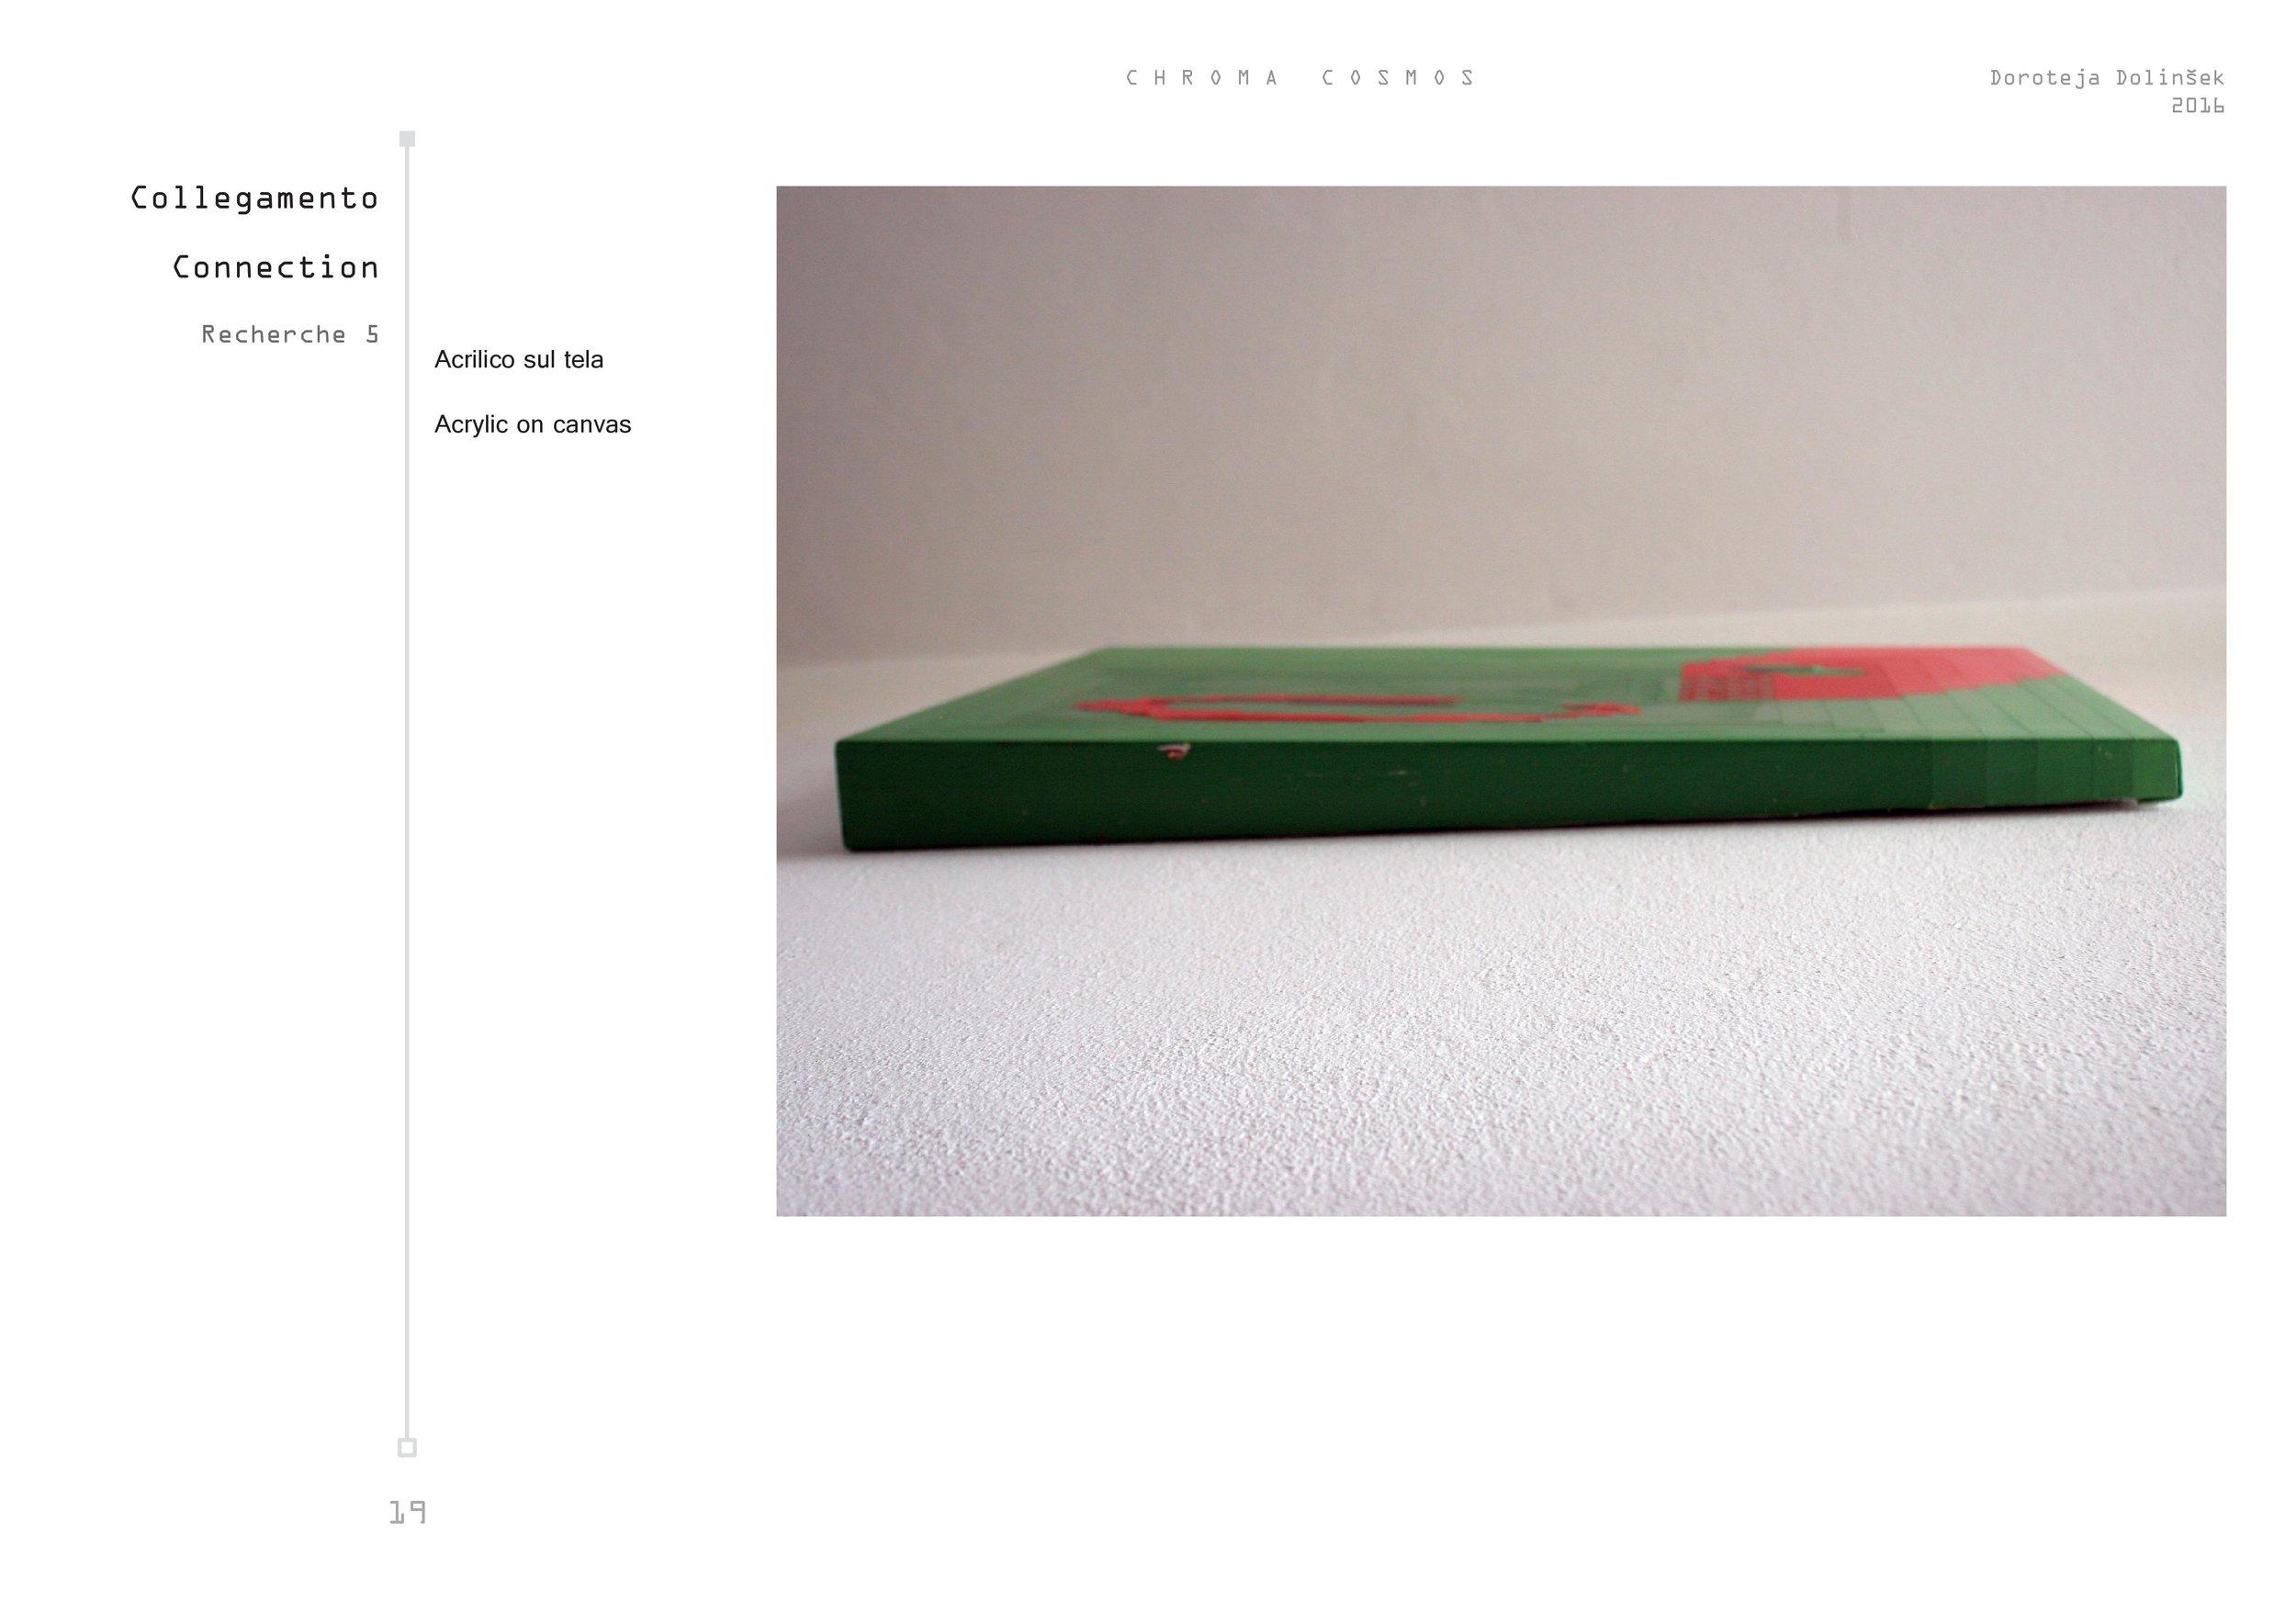 CHROMA COSMOS-page-019.jpg